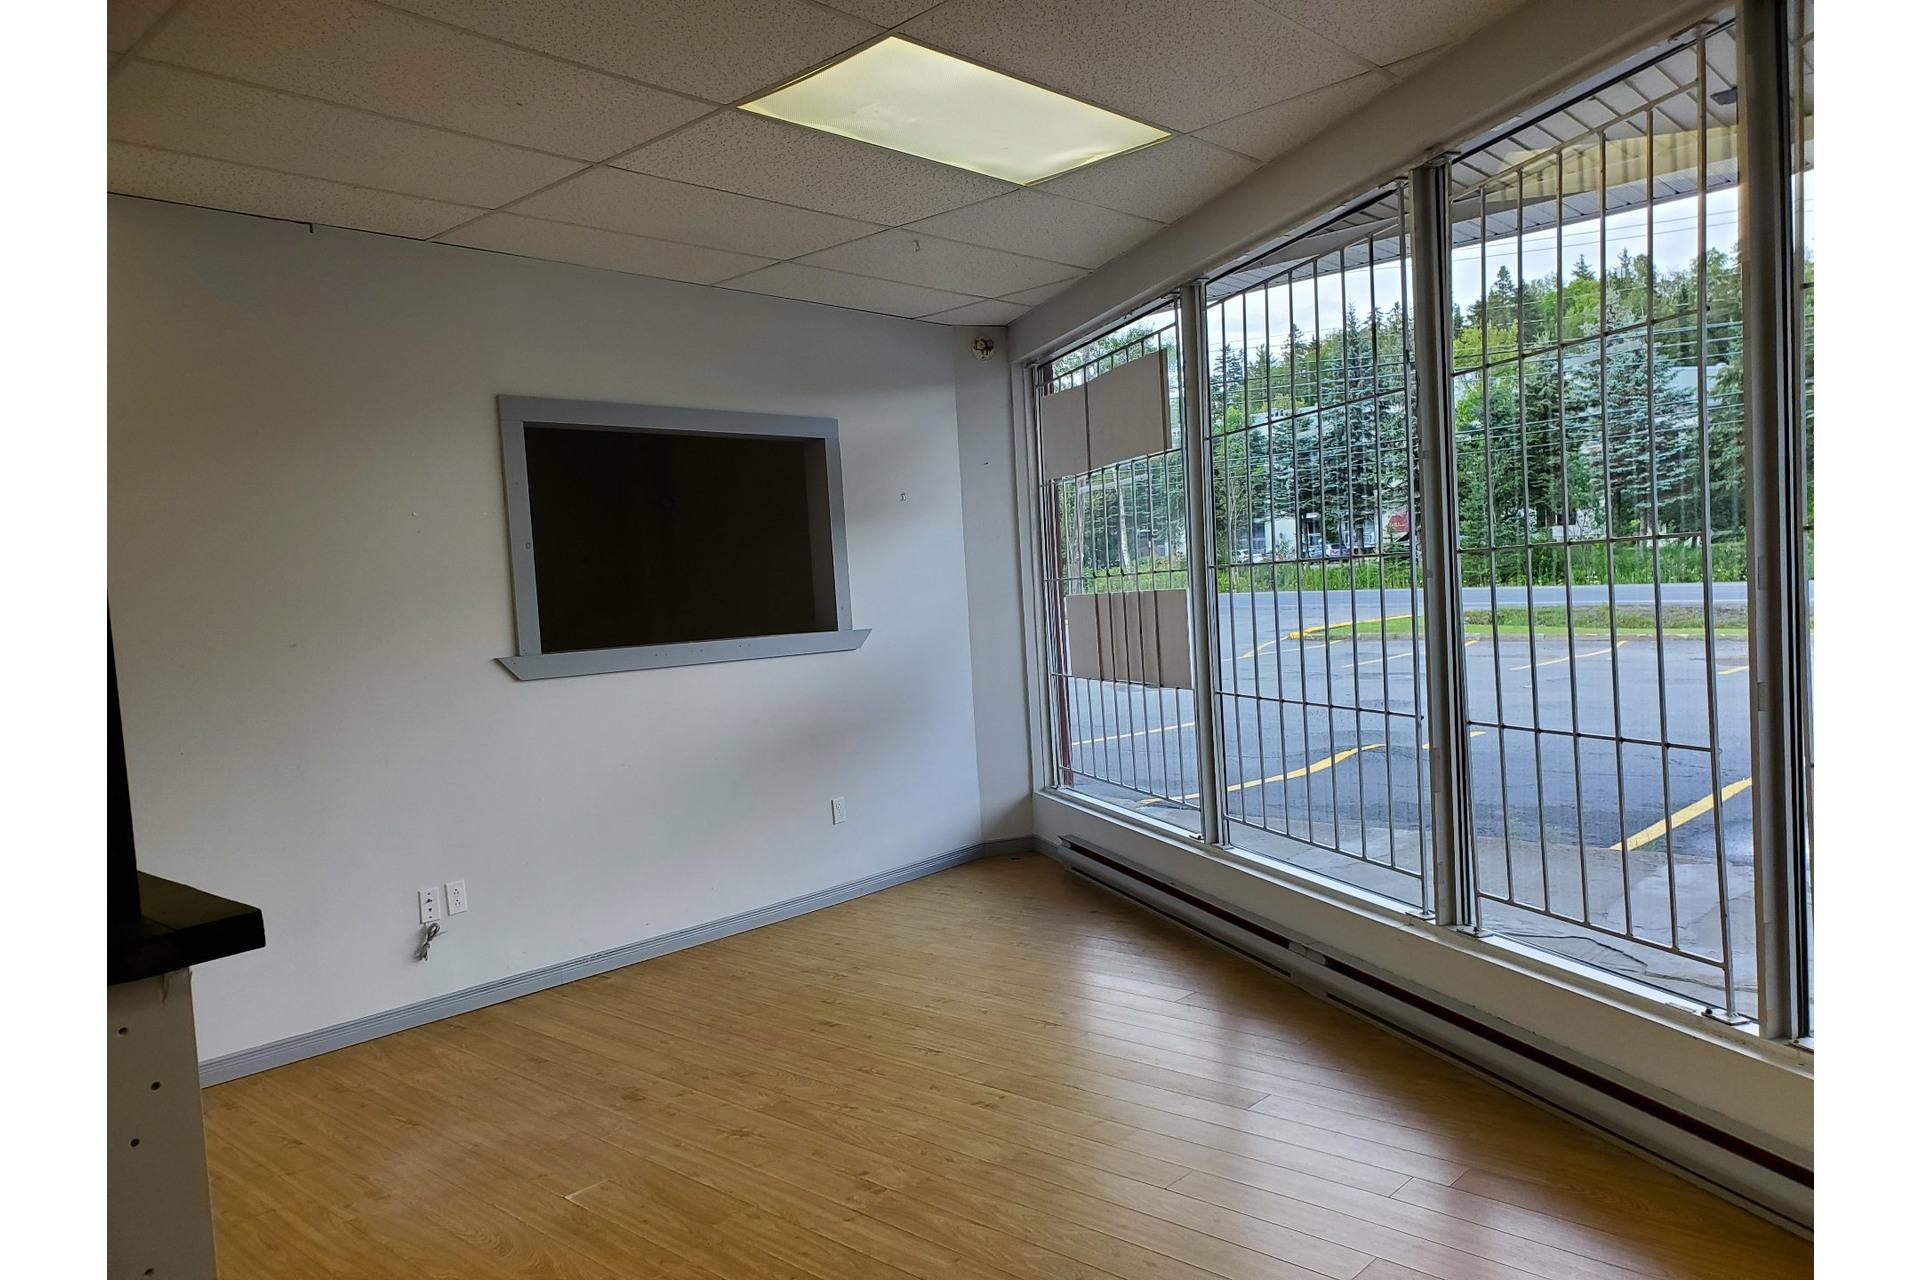 image 10 - Office For rent Sainte-Adèle